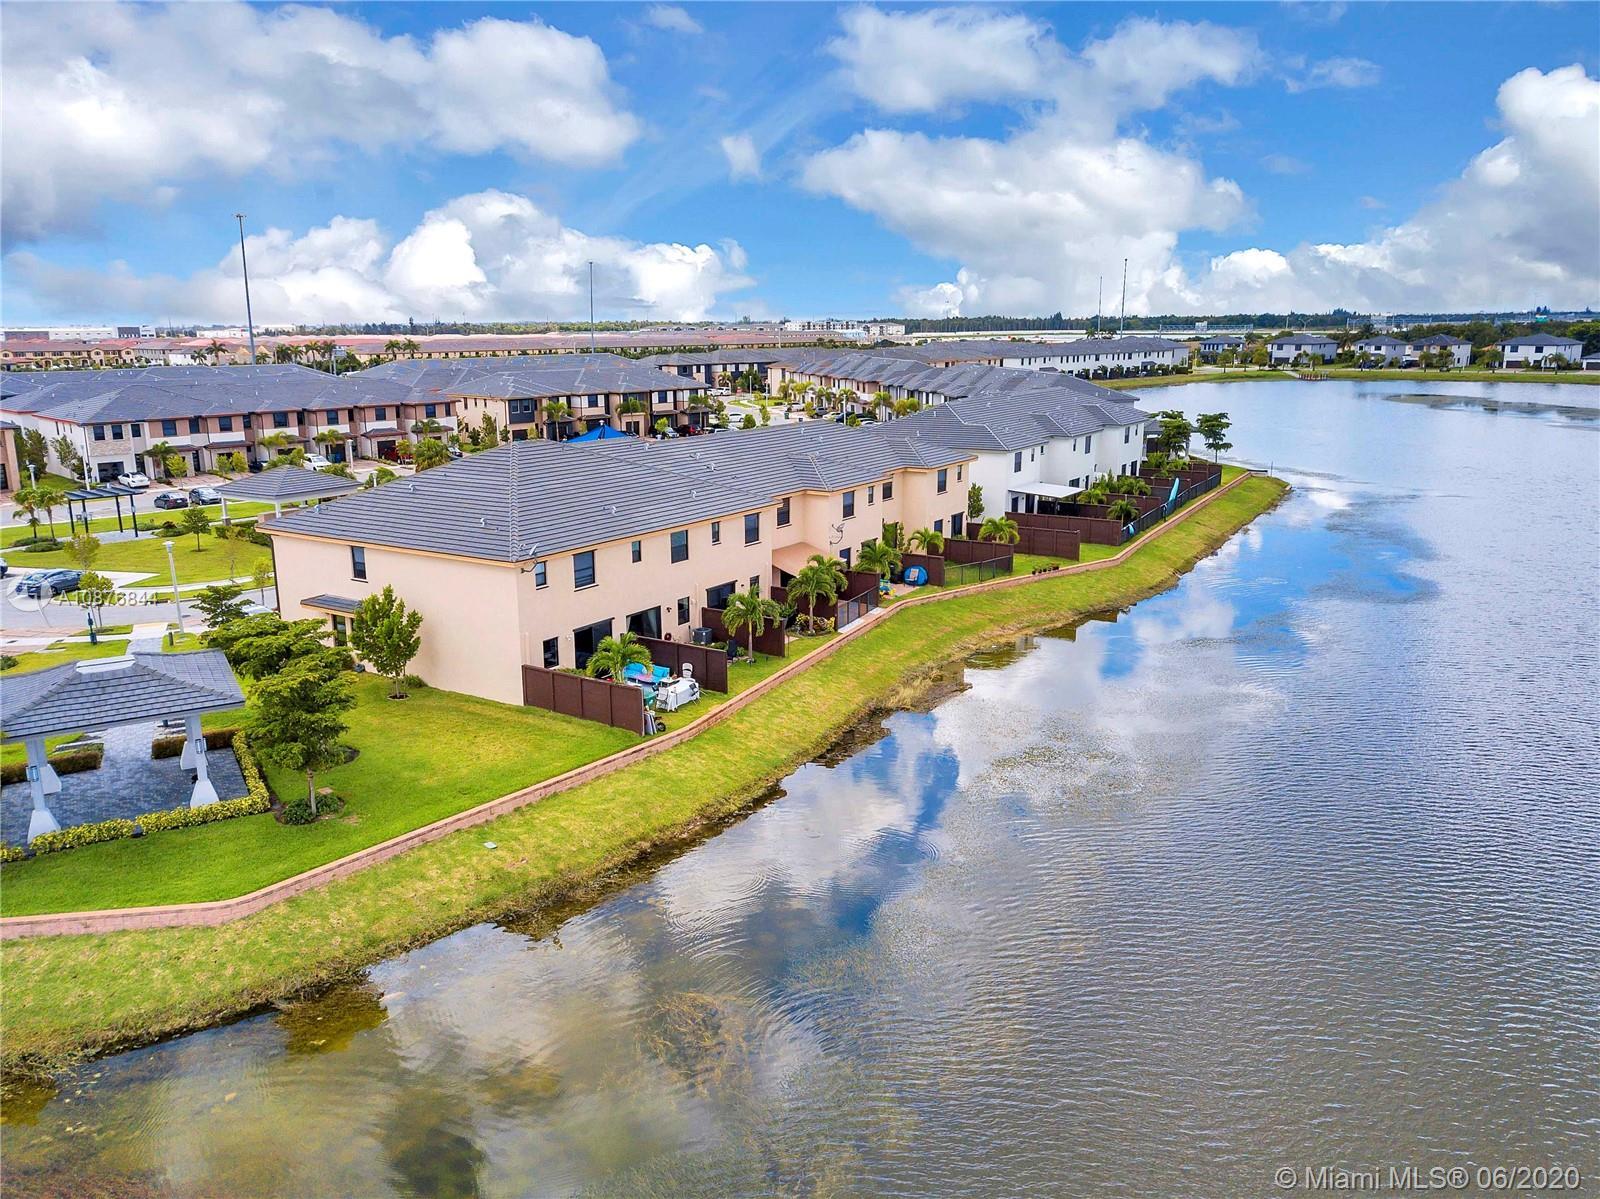 Miami Lakes #15839 - 47 - photo